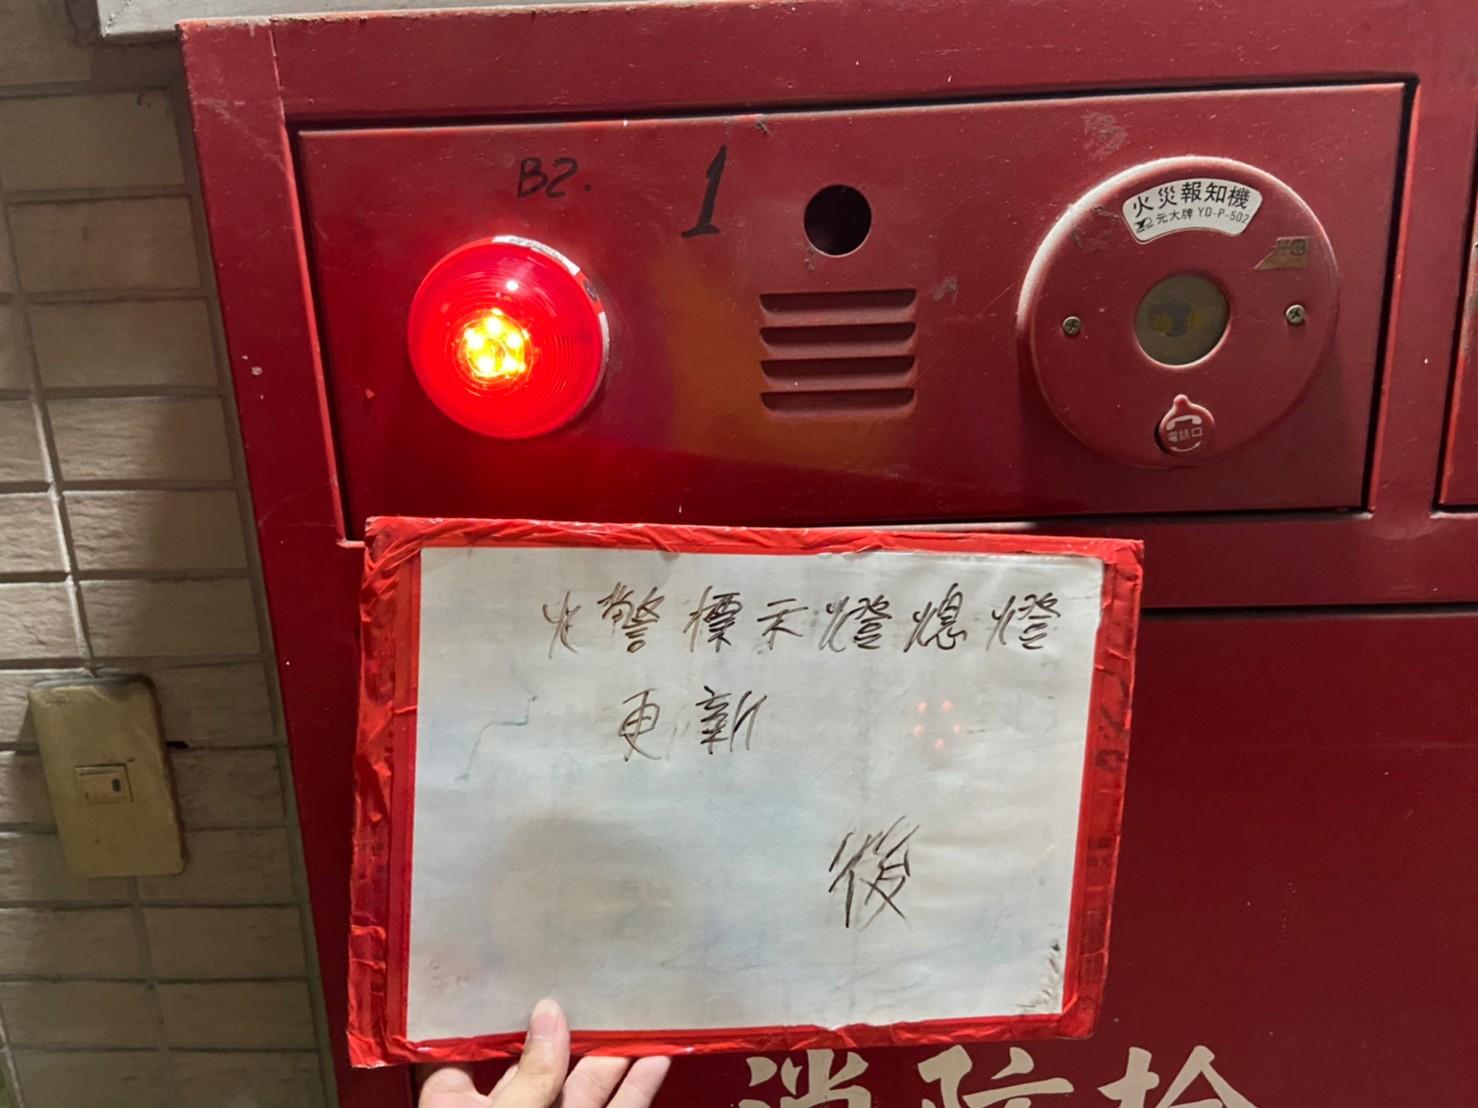 110.9.27 甲山林修繕_火警標示燈熄燈-更新-後